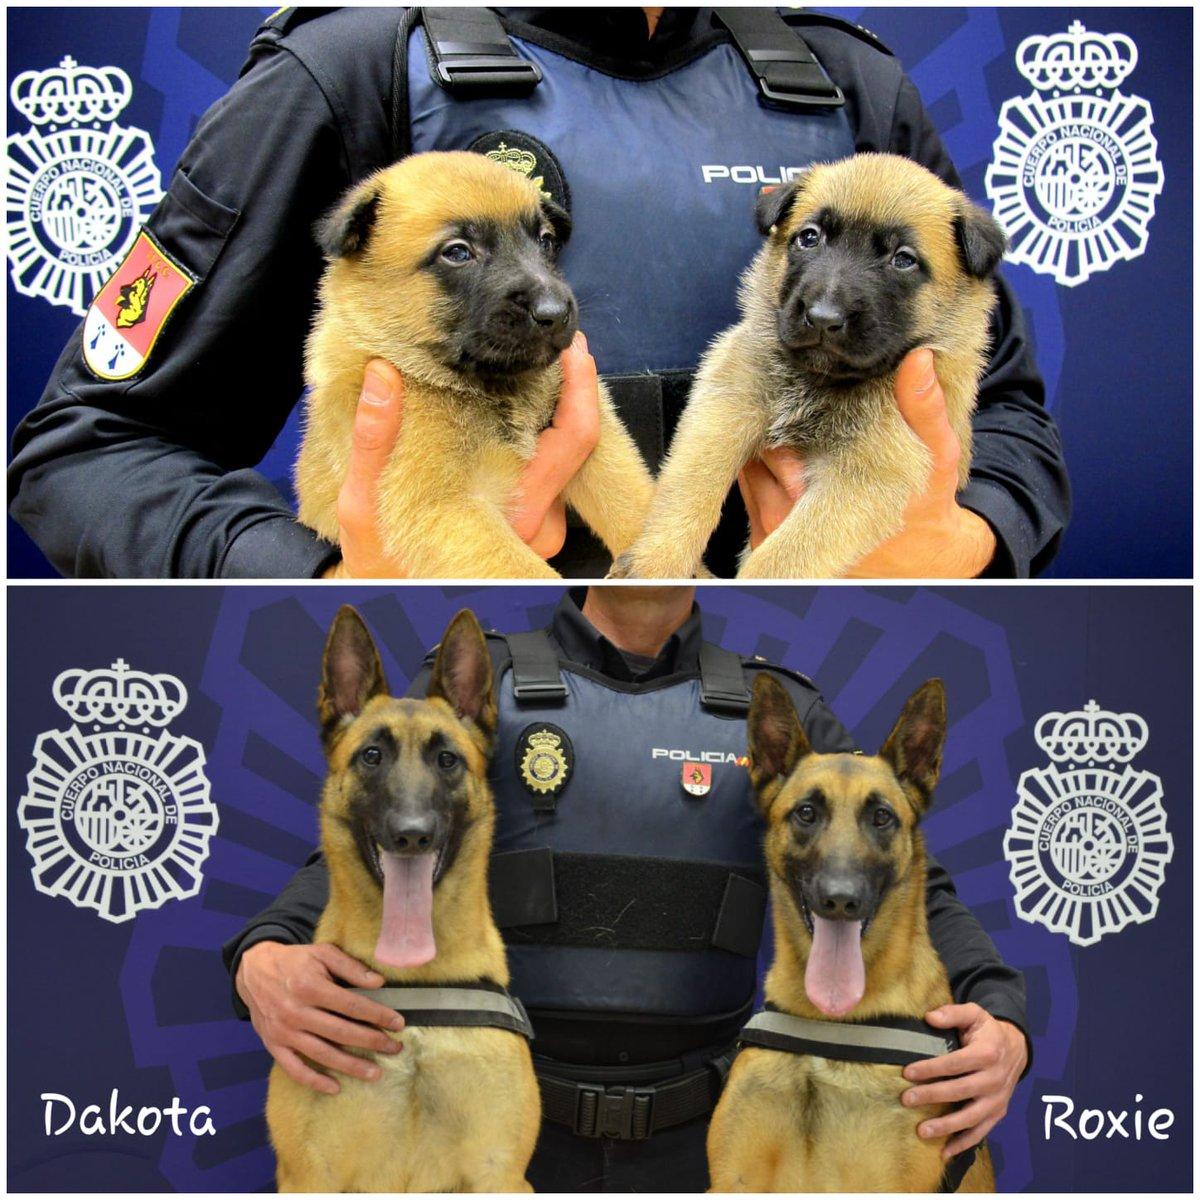 La foto de la Policía con la historia vital de dos agentes caninos conmueve Twitter